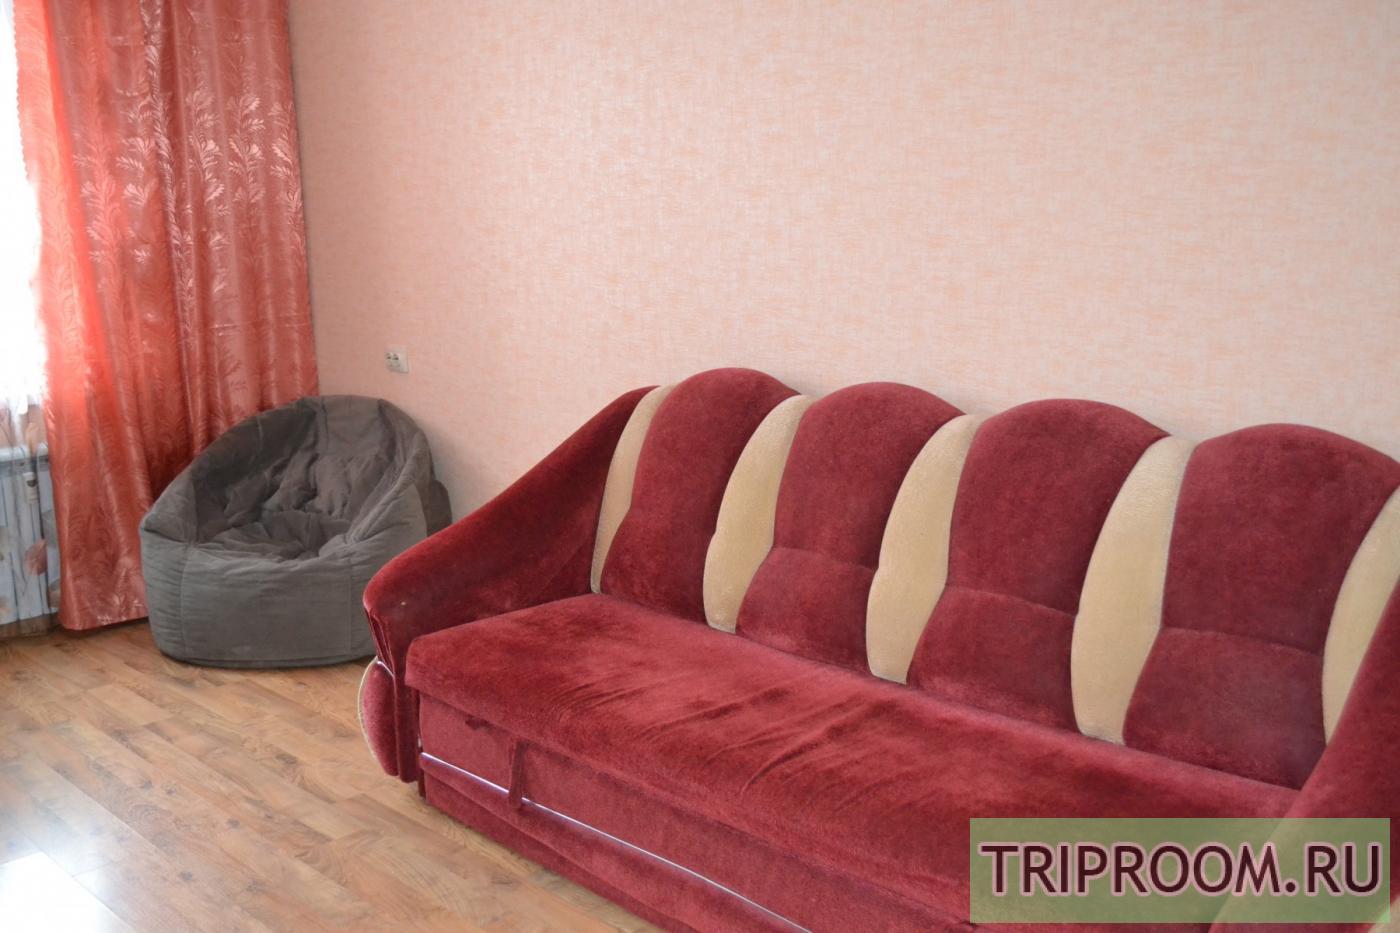 1-комнатная квартира посуточно (вариант № 10439), ул. Александра Шмакова улица, фото № 3